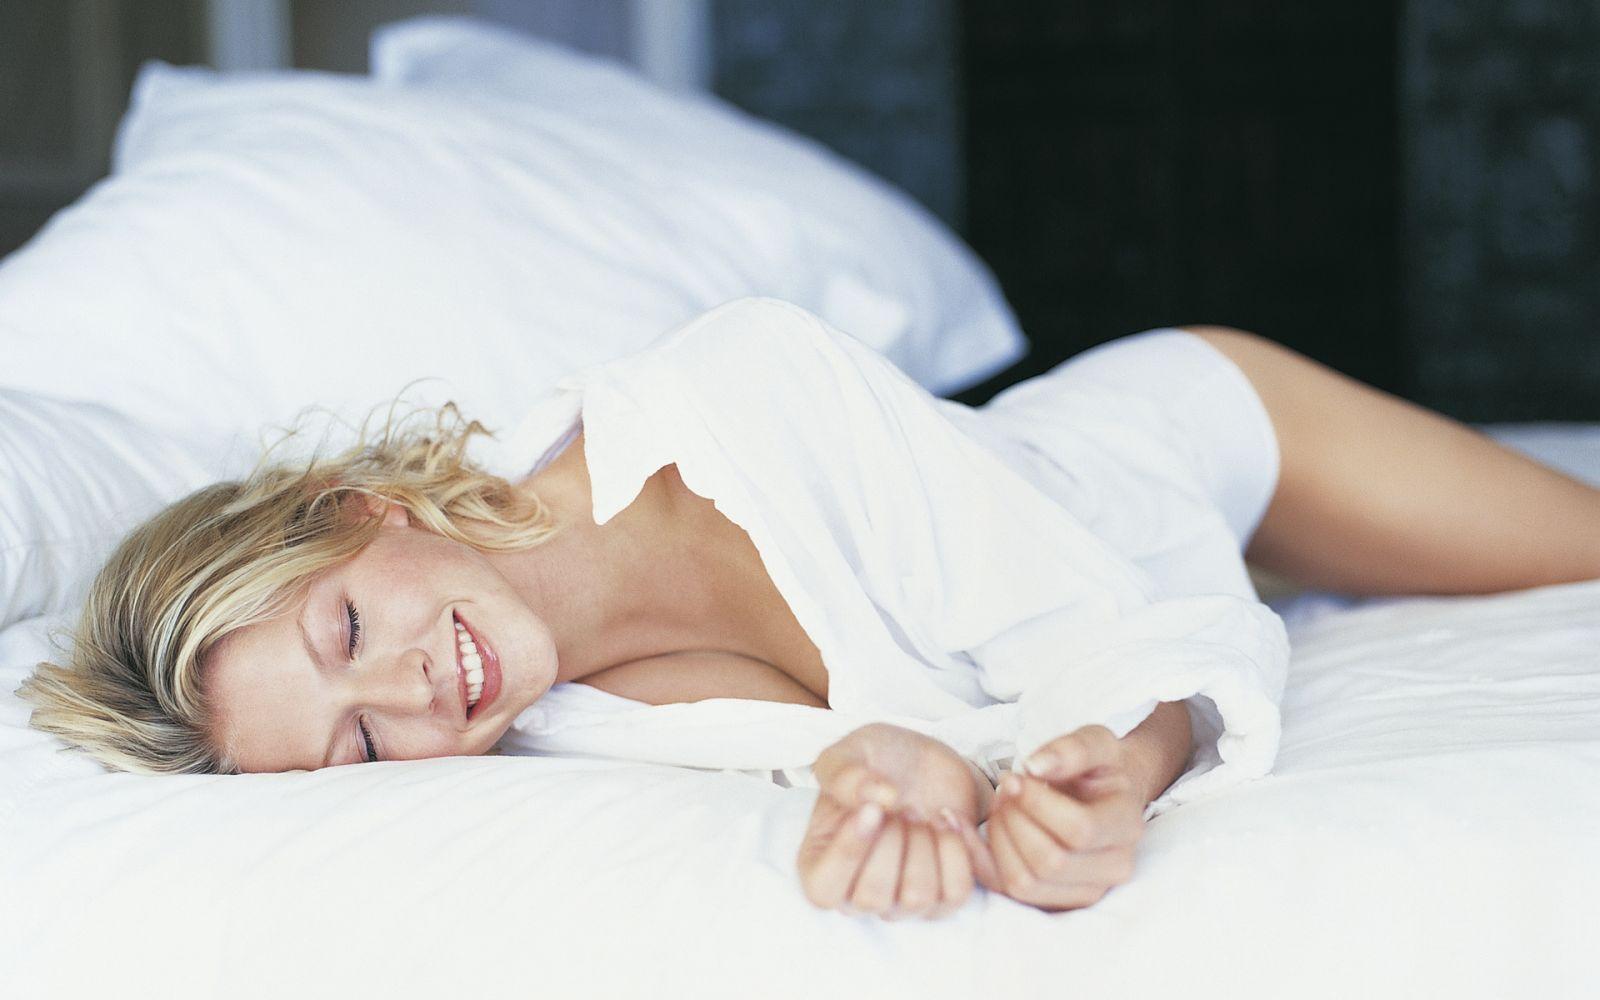 Эротические сны: причины возникновения и значение - фото №2